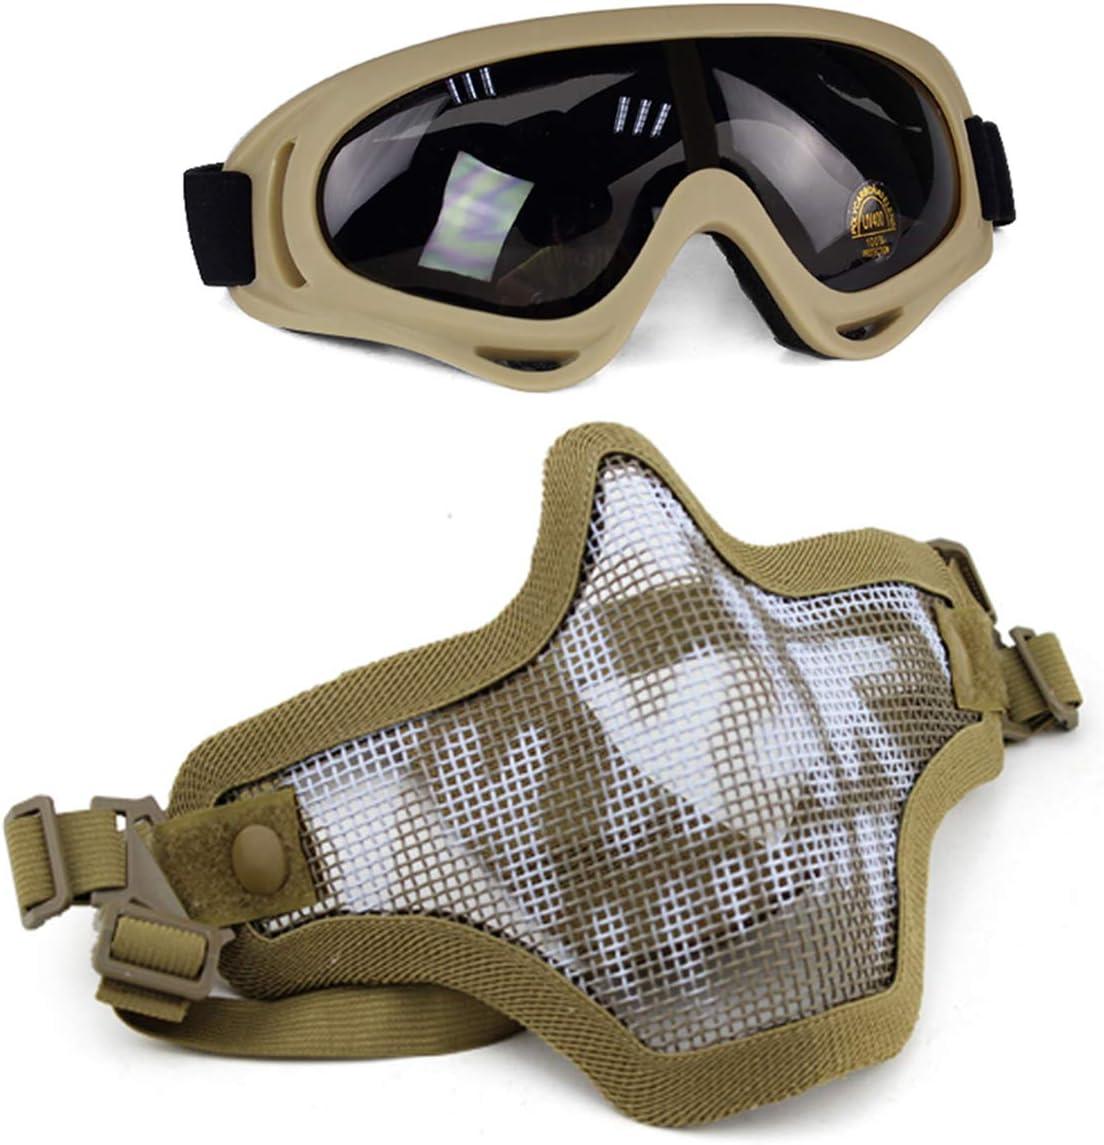 Aoutacc Juego de máscaras y Gafas Airsoft, máscara de Malla de Acero Completa de Media Cara y Gafas para CS/Caza / Paintball/Disparos